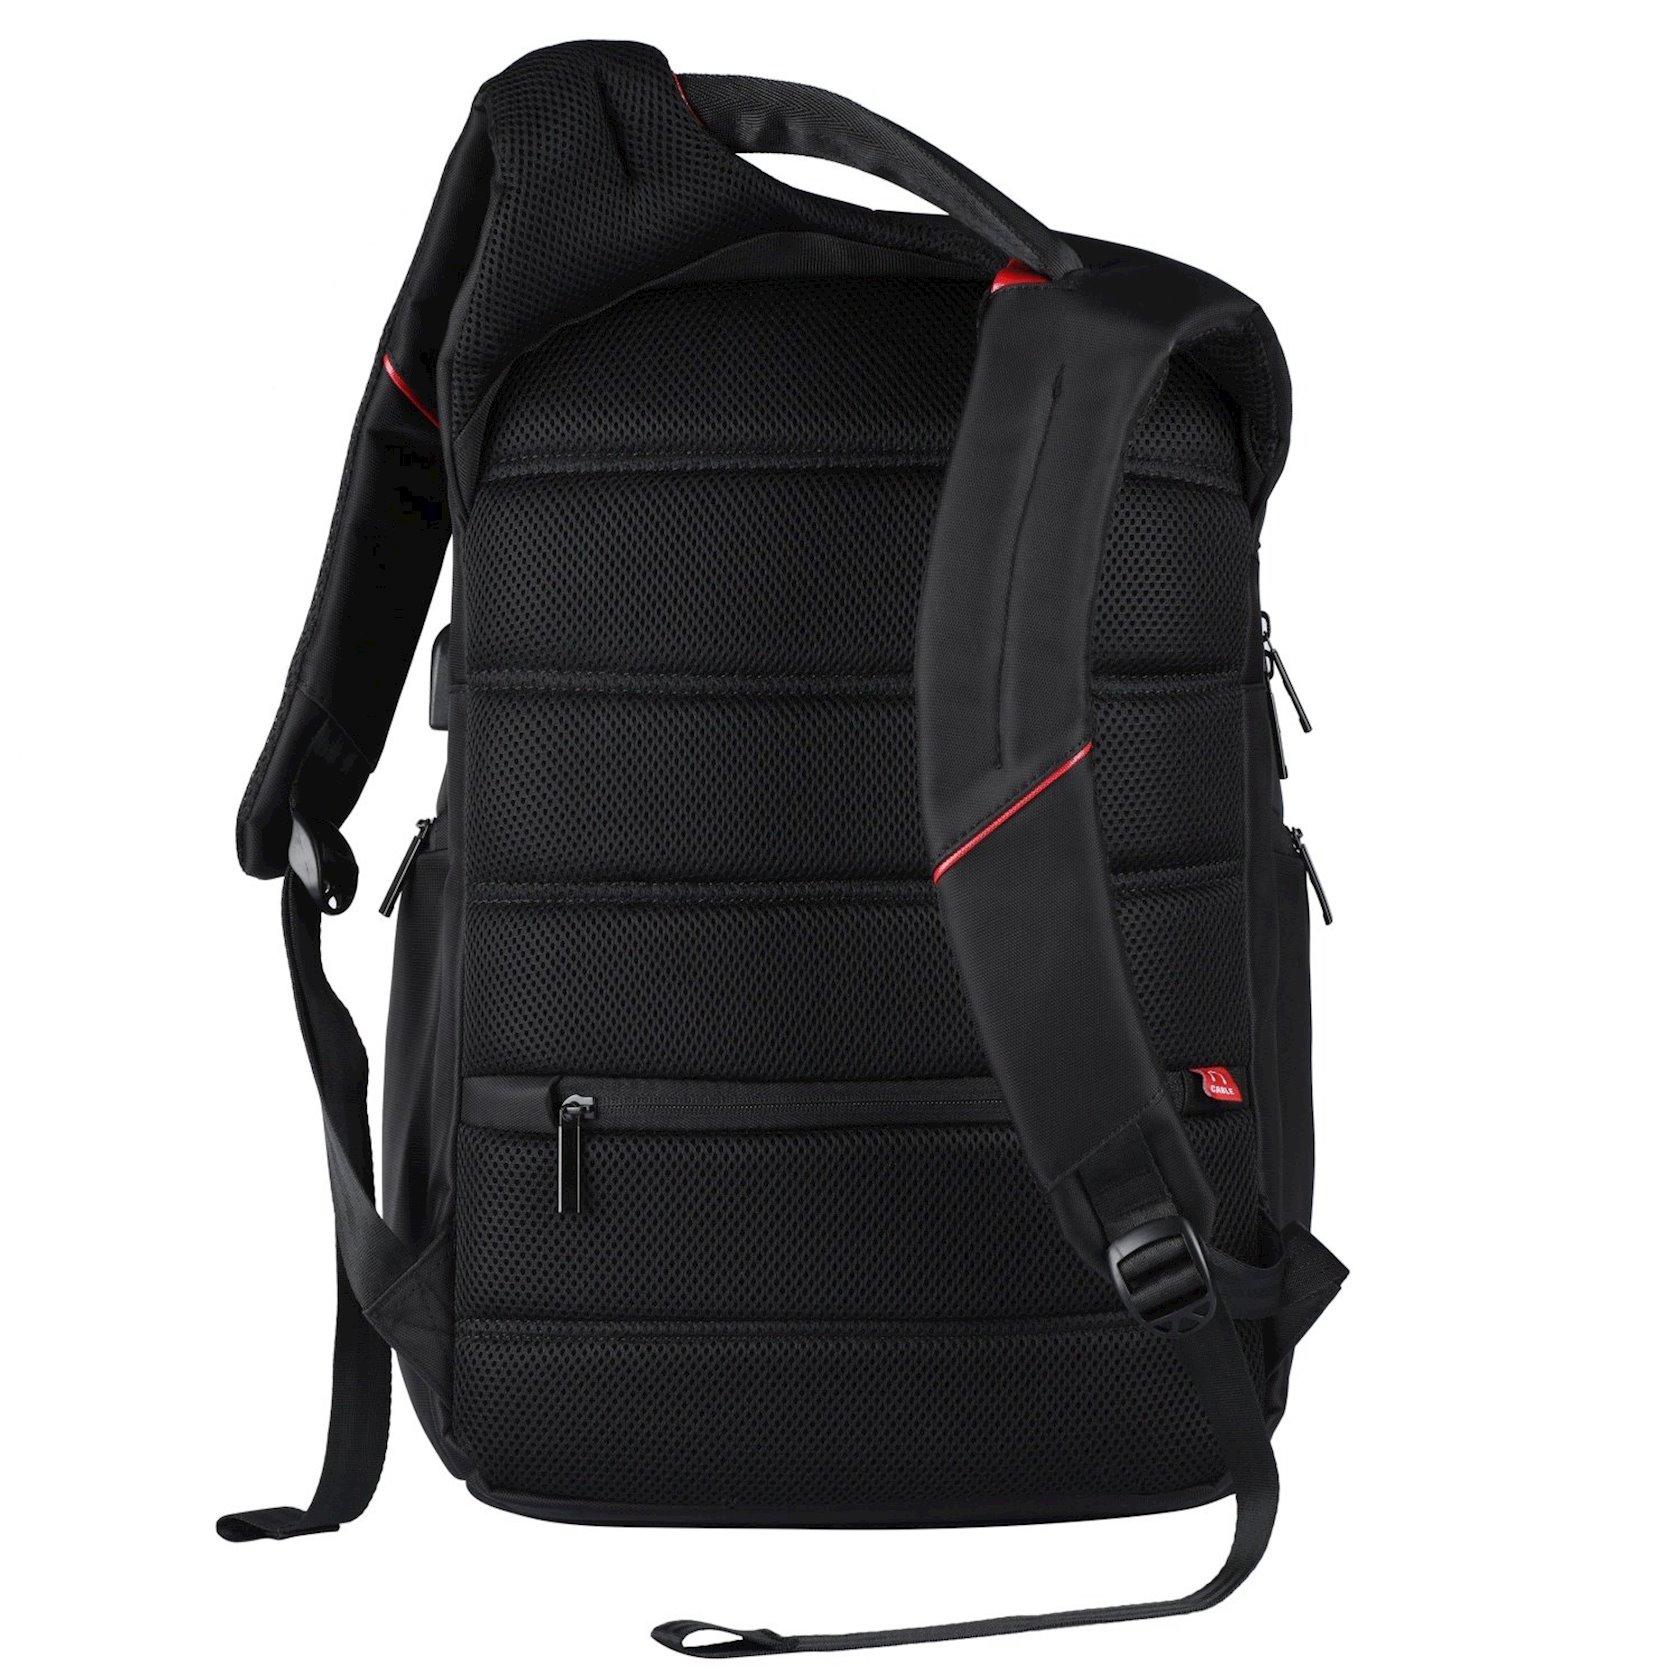 Bel çantası noutbuk üçün 2E BPN9004BK 16 Laptop Backpack Black